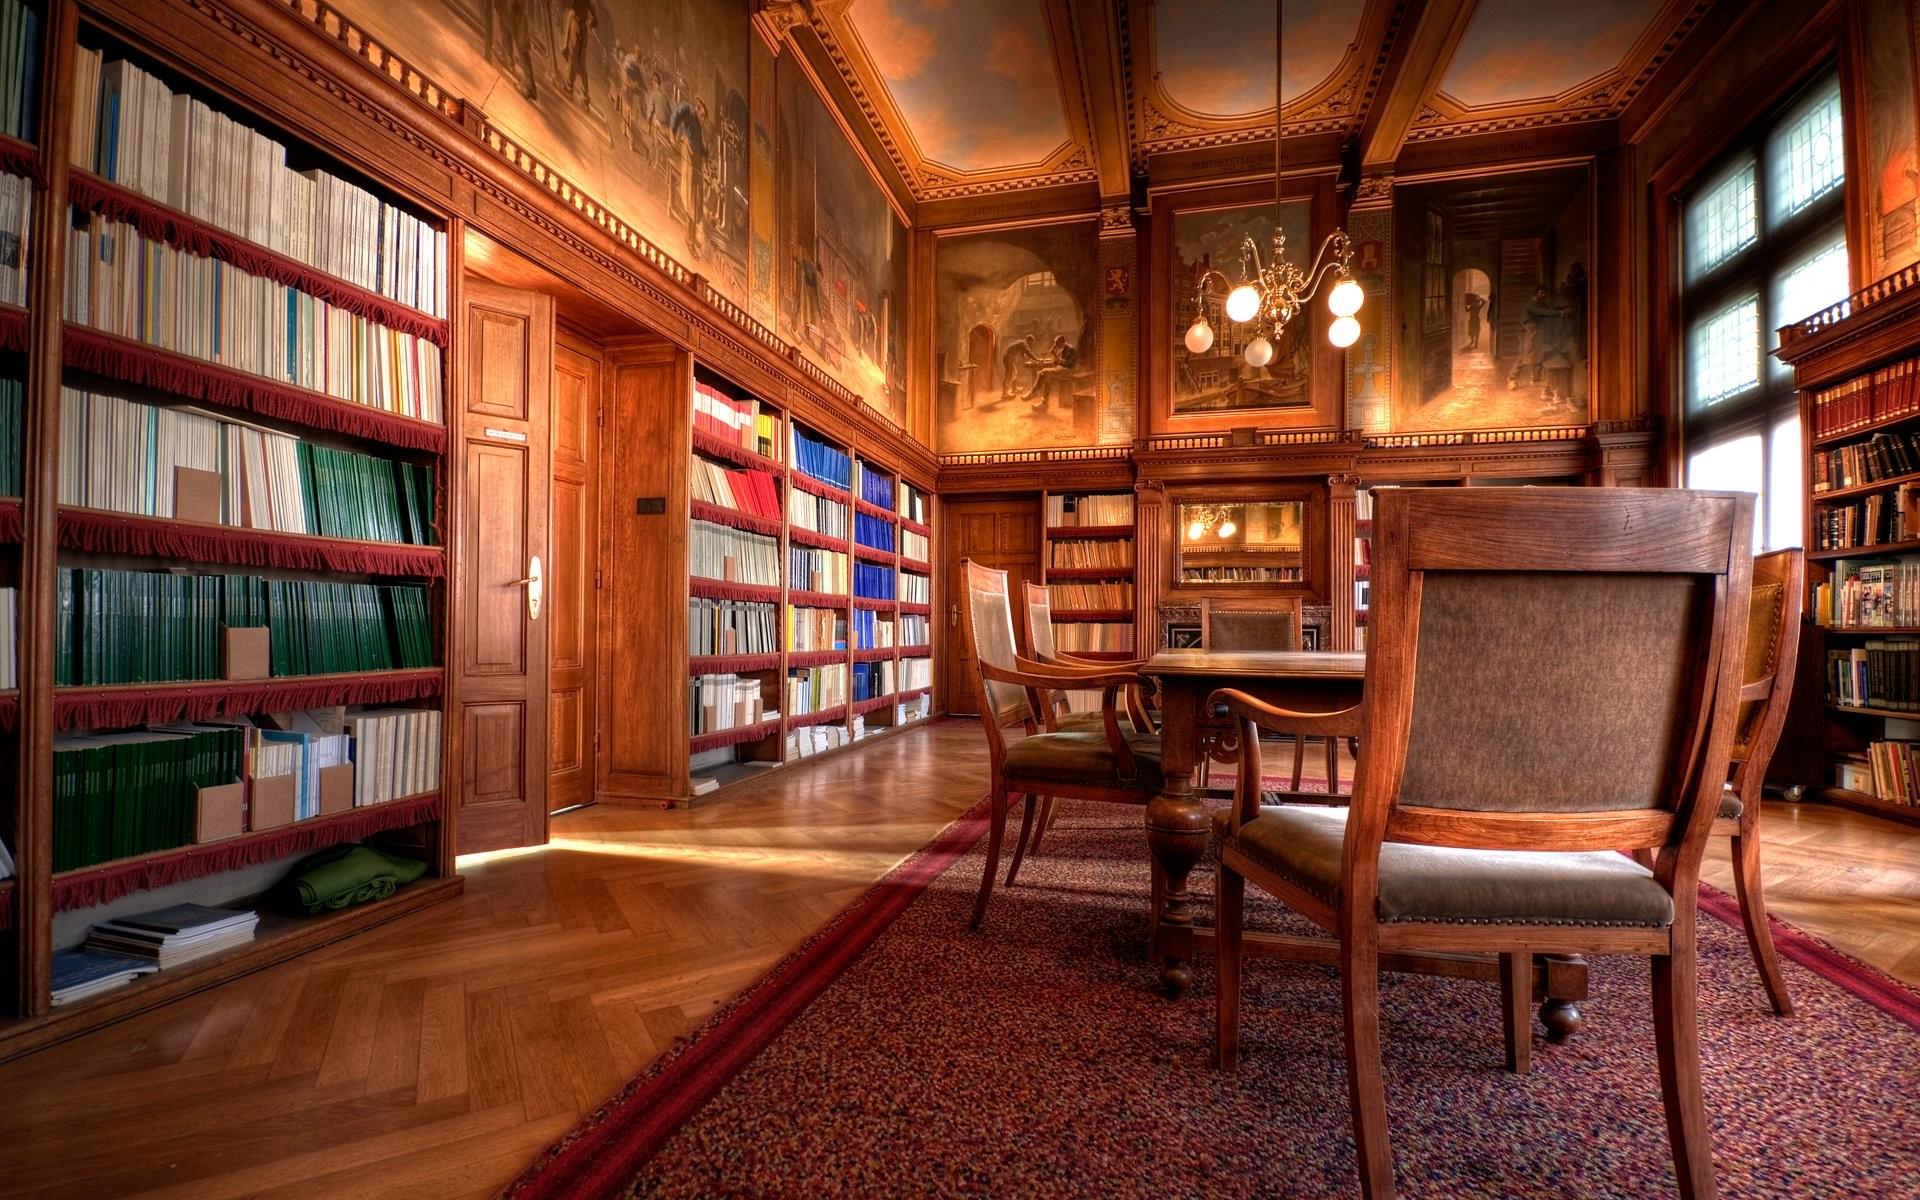 Migliori Libri Interior Design sfondi : costruzione, camera, libri, biblioteca, interior